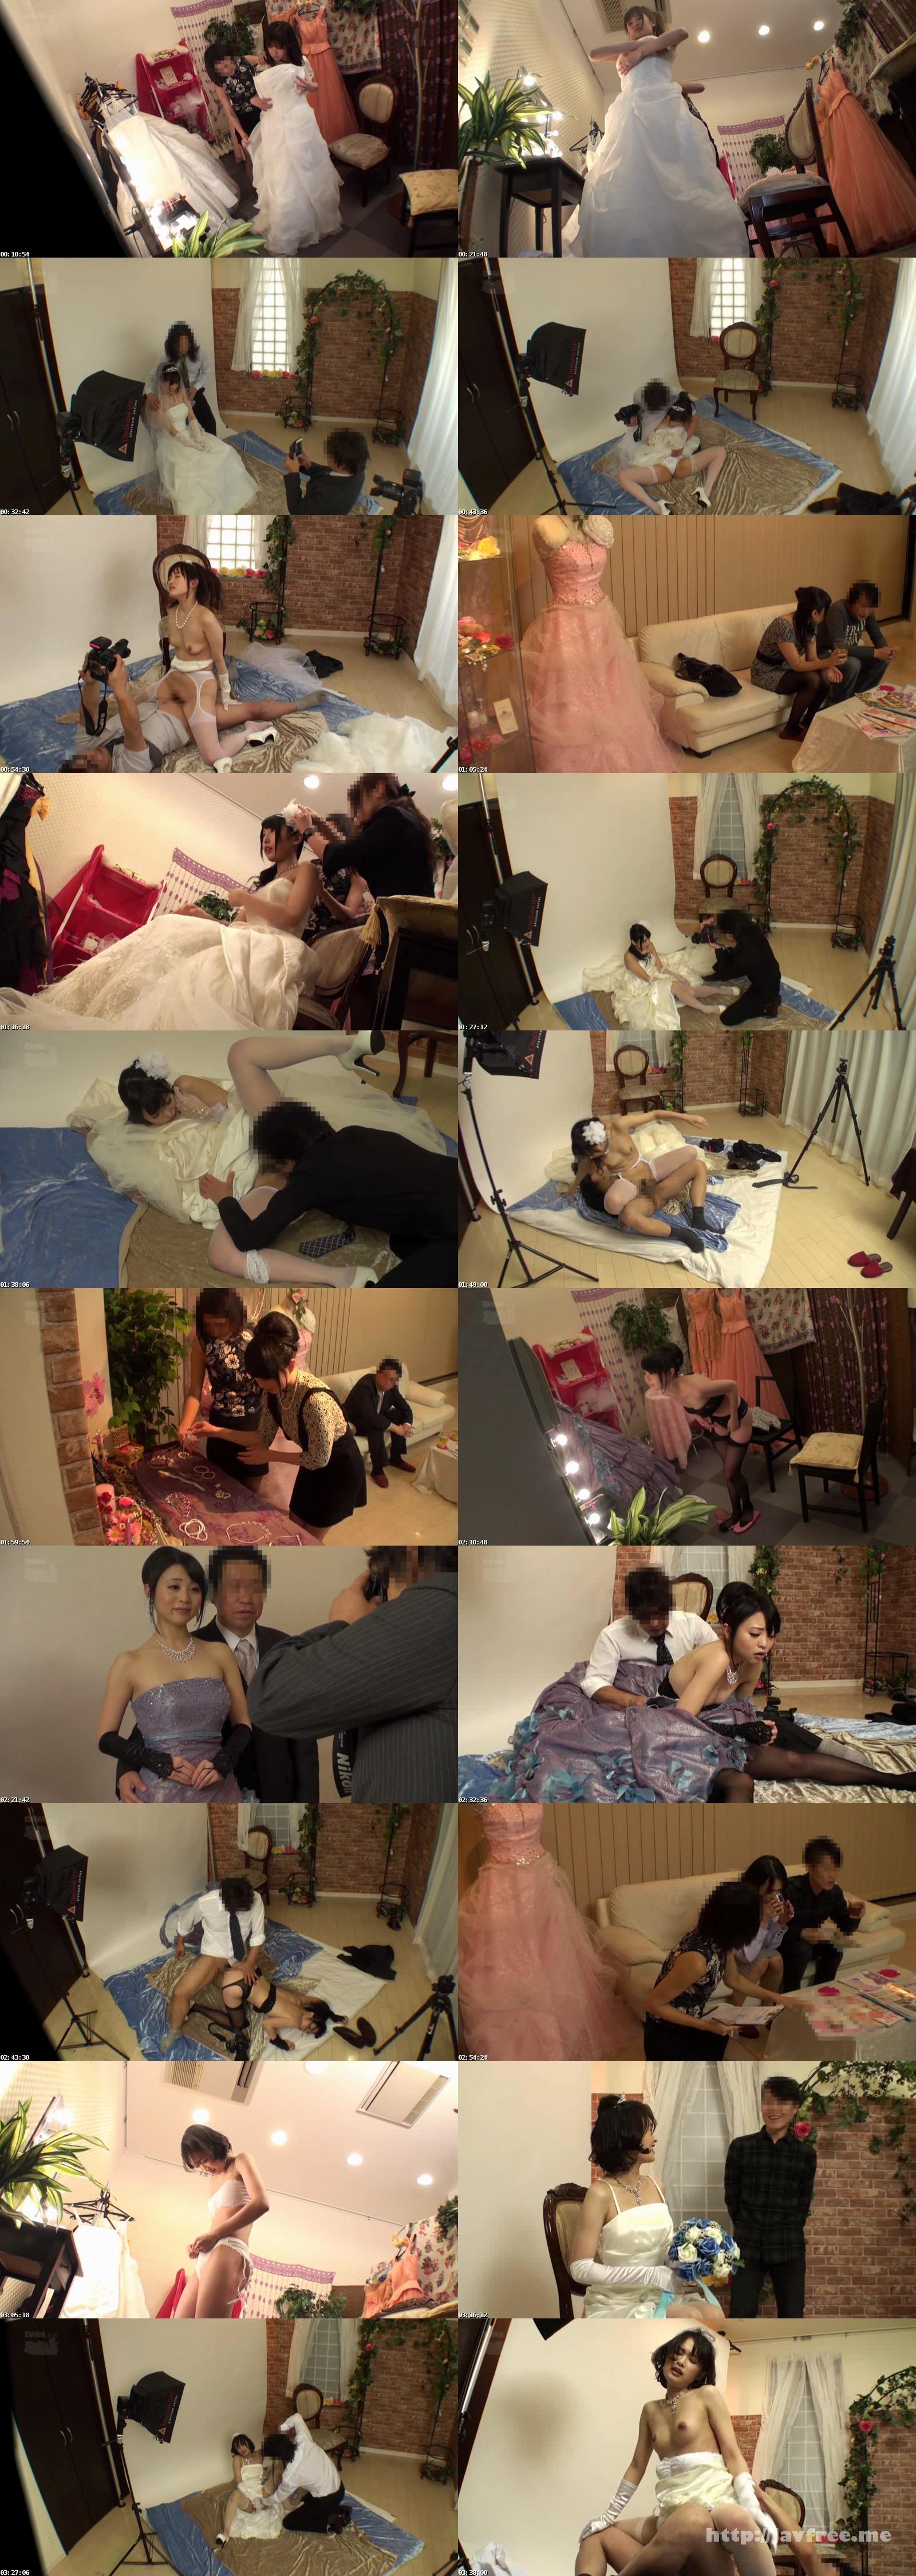 [CLUB-181] 結婚式前に写真スタジオで撮影するカップルの新郎が待つ隣で新婦を寝取りレイプ4 - image  on https://javfree.me